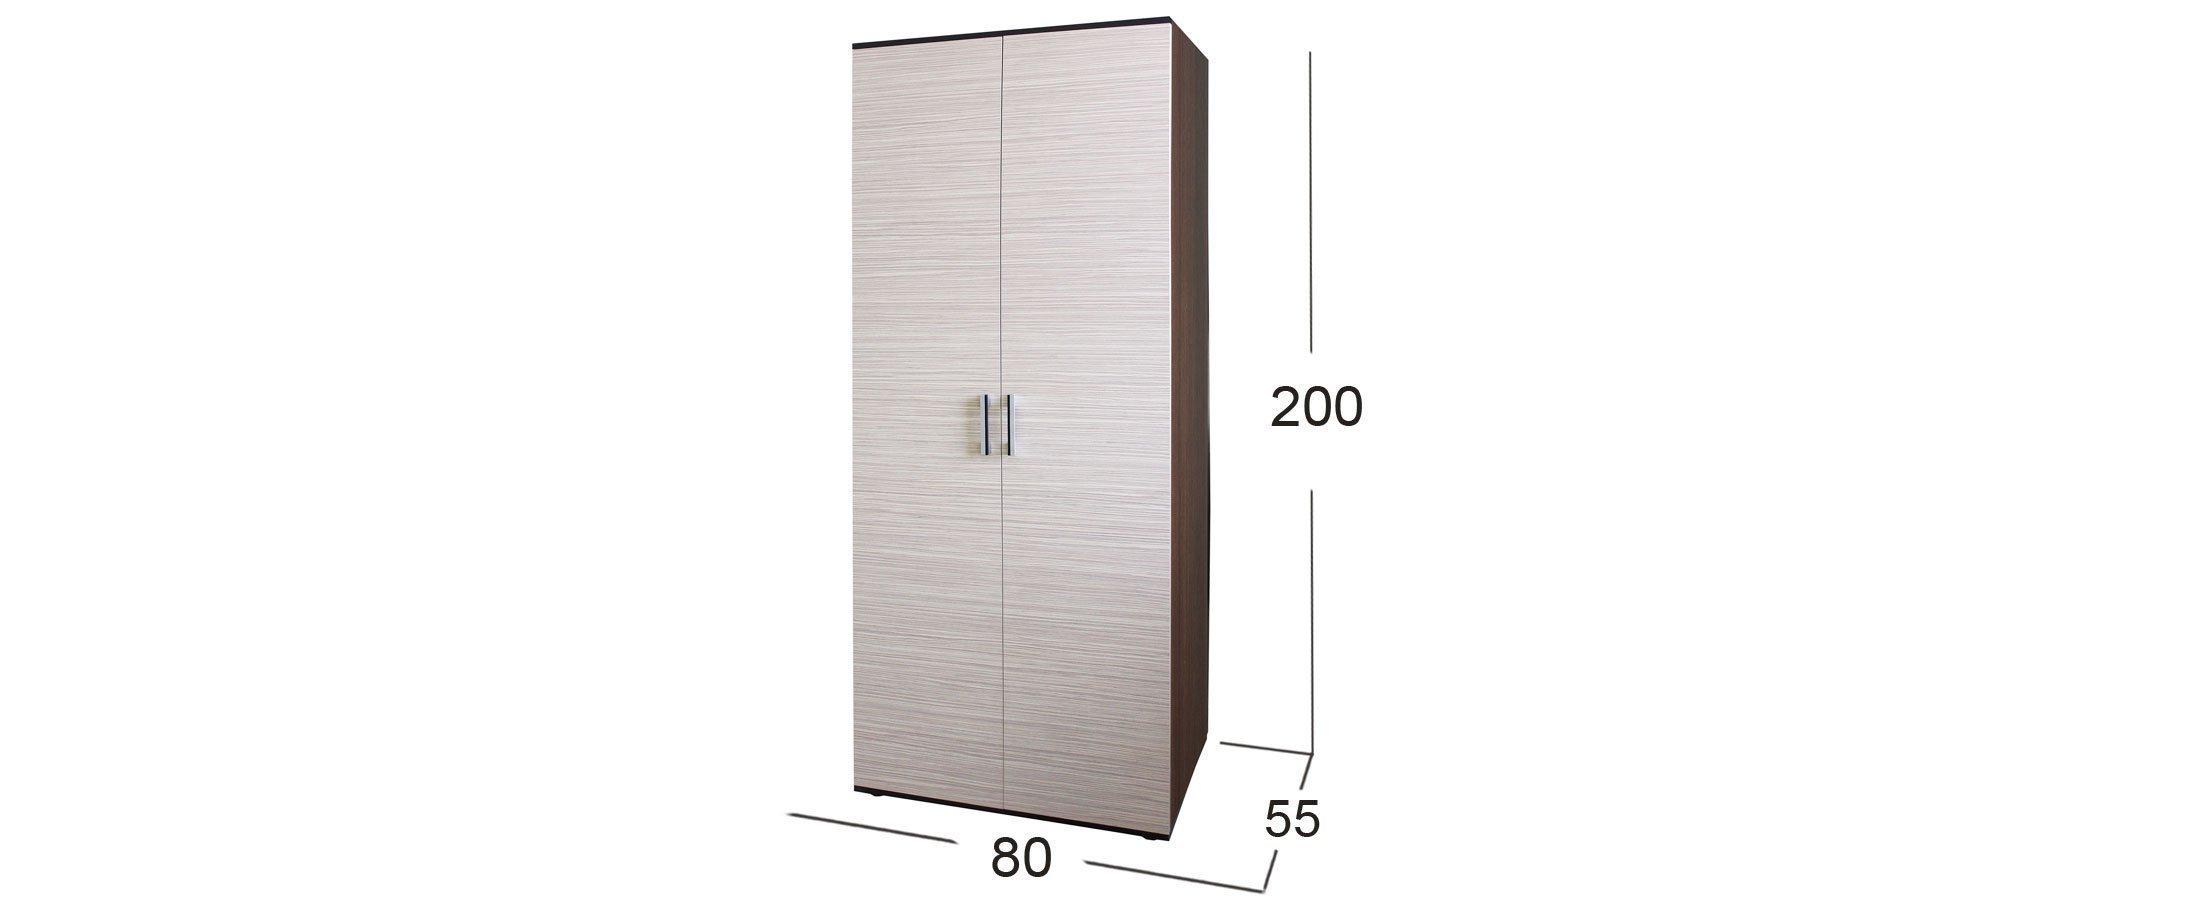 Шкаф Колибри-1 комбинированный Модель 509